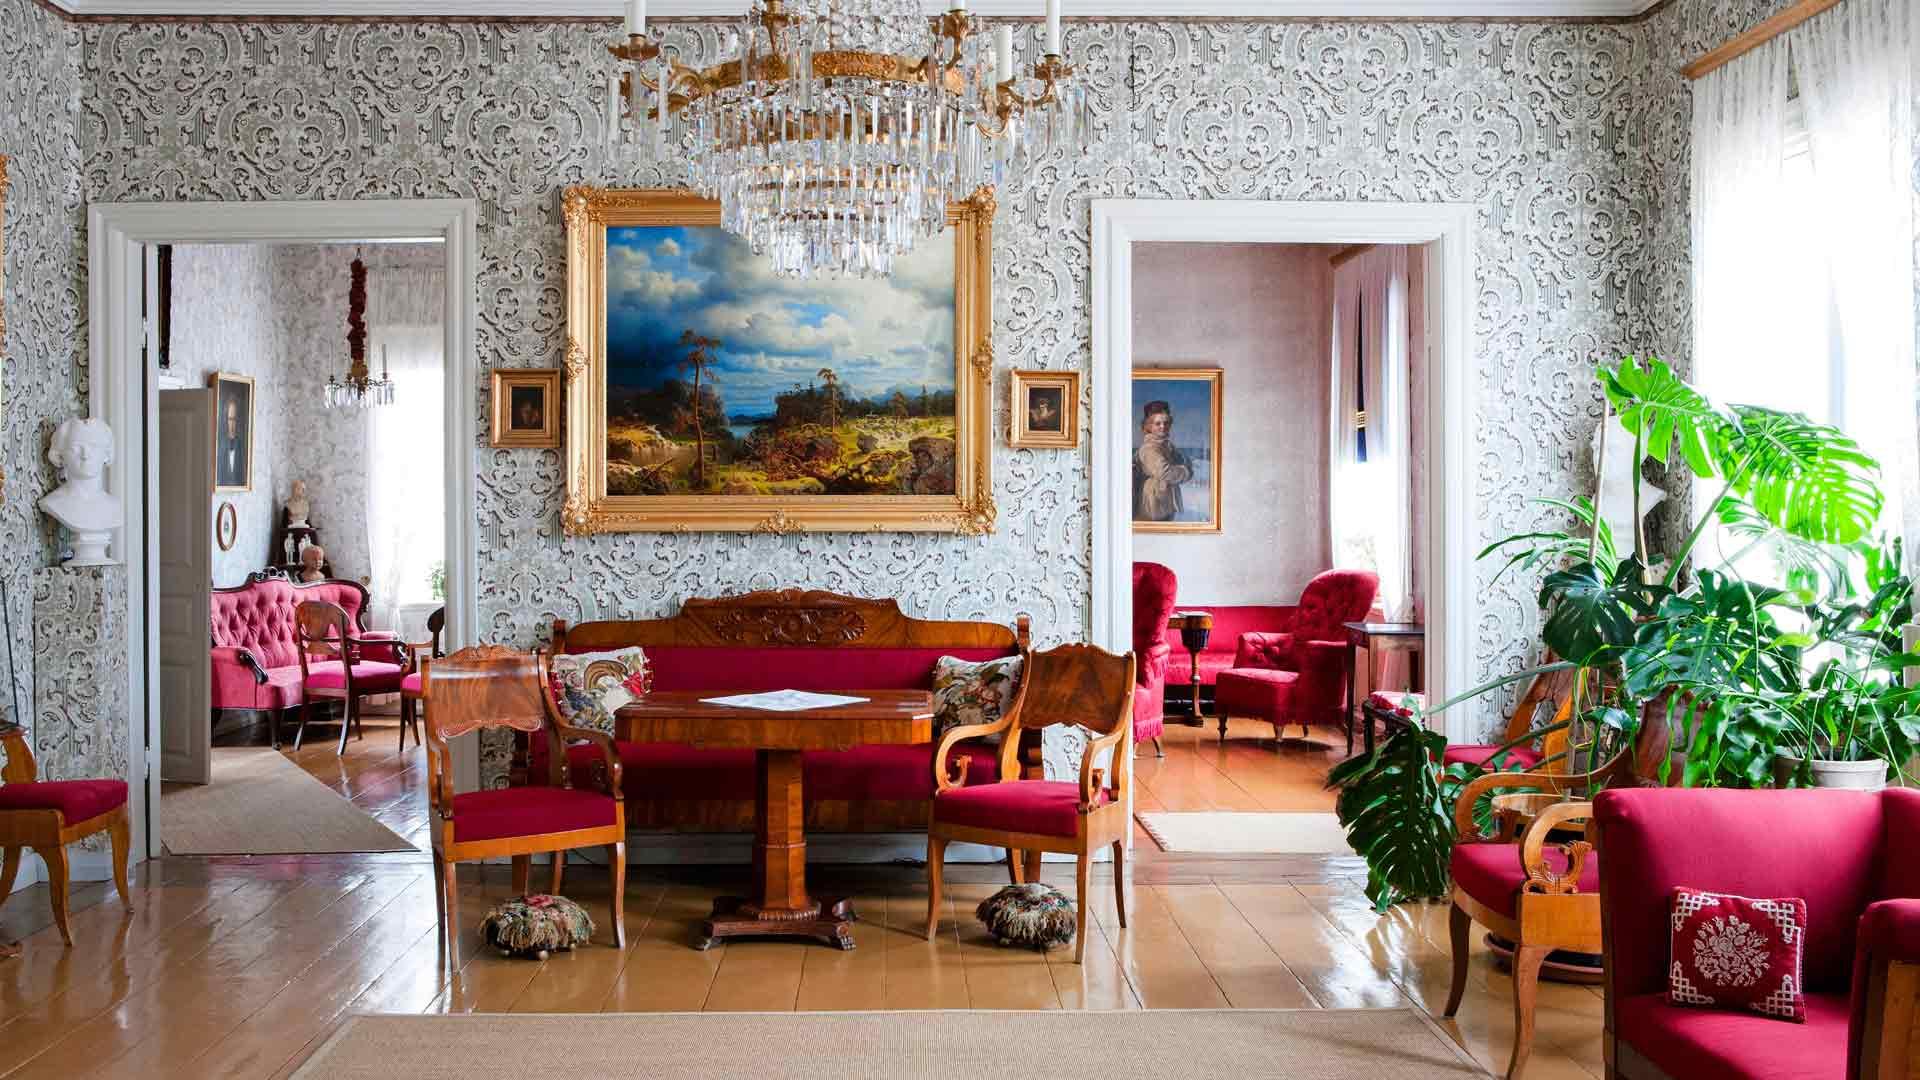 Fredrika ja Johan Ludvig Runebergin entinen talo